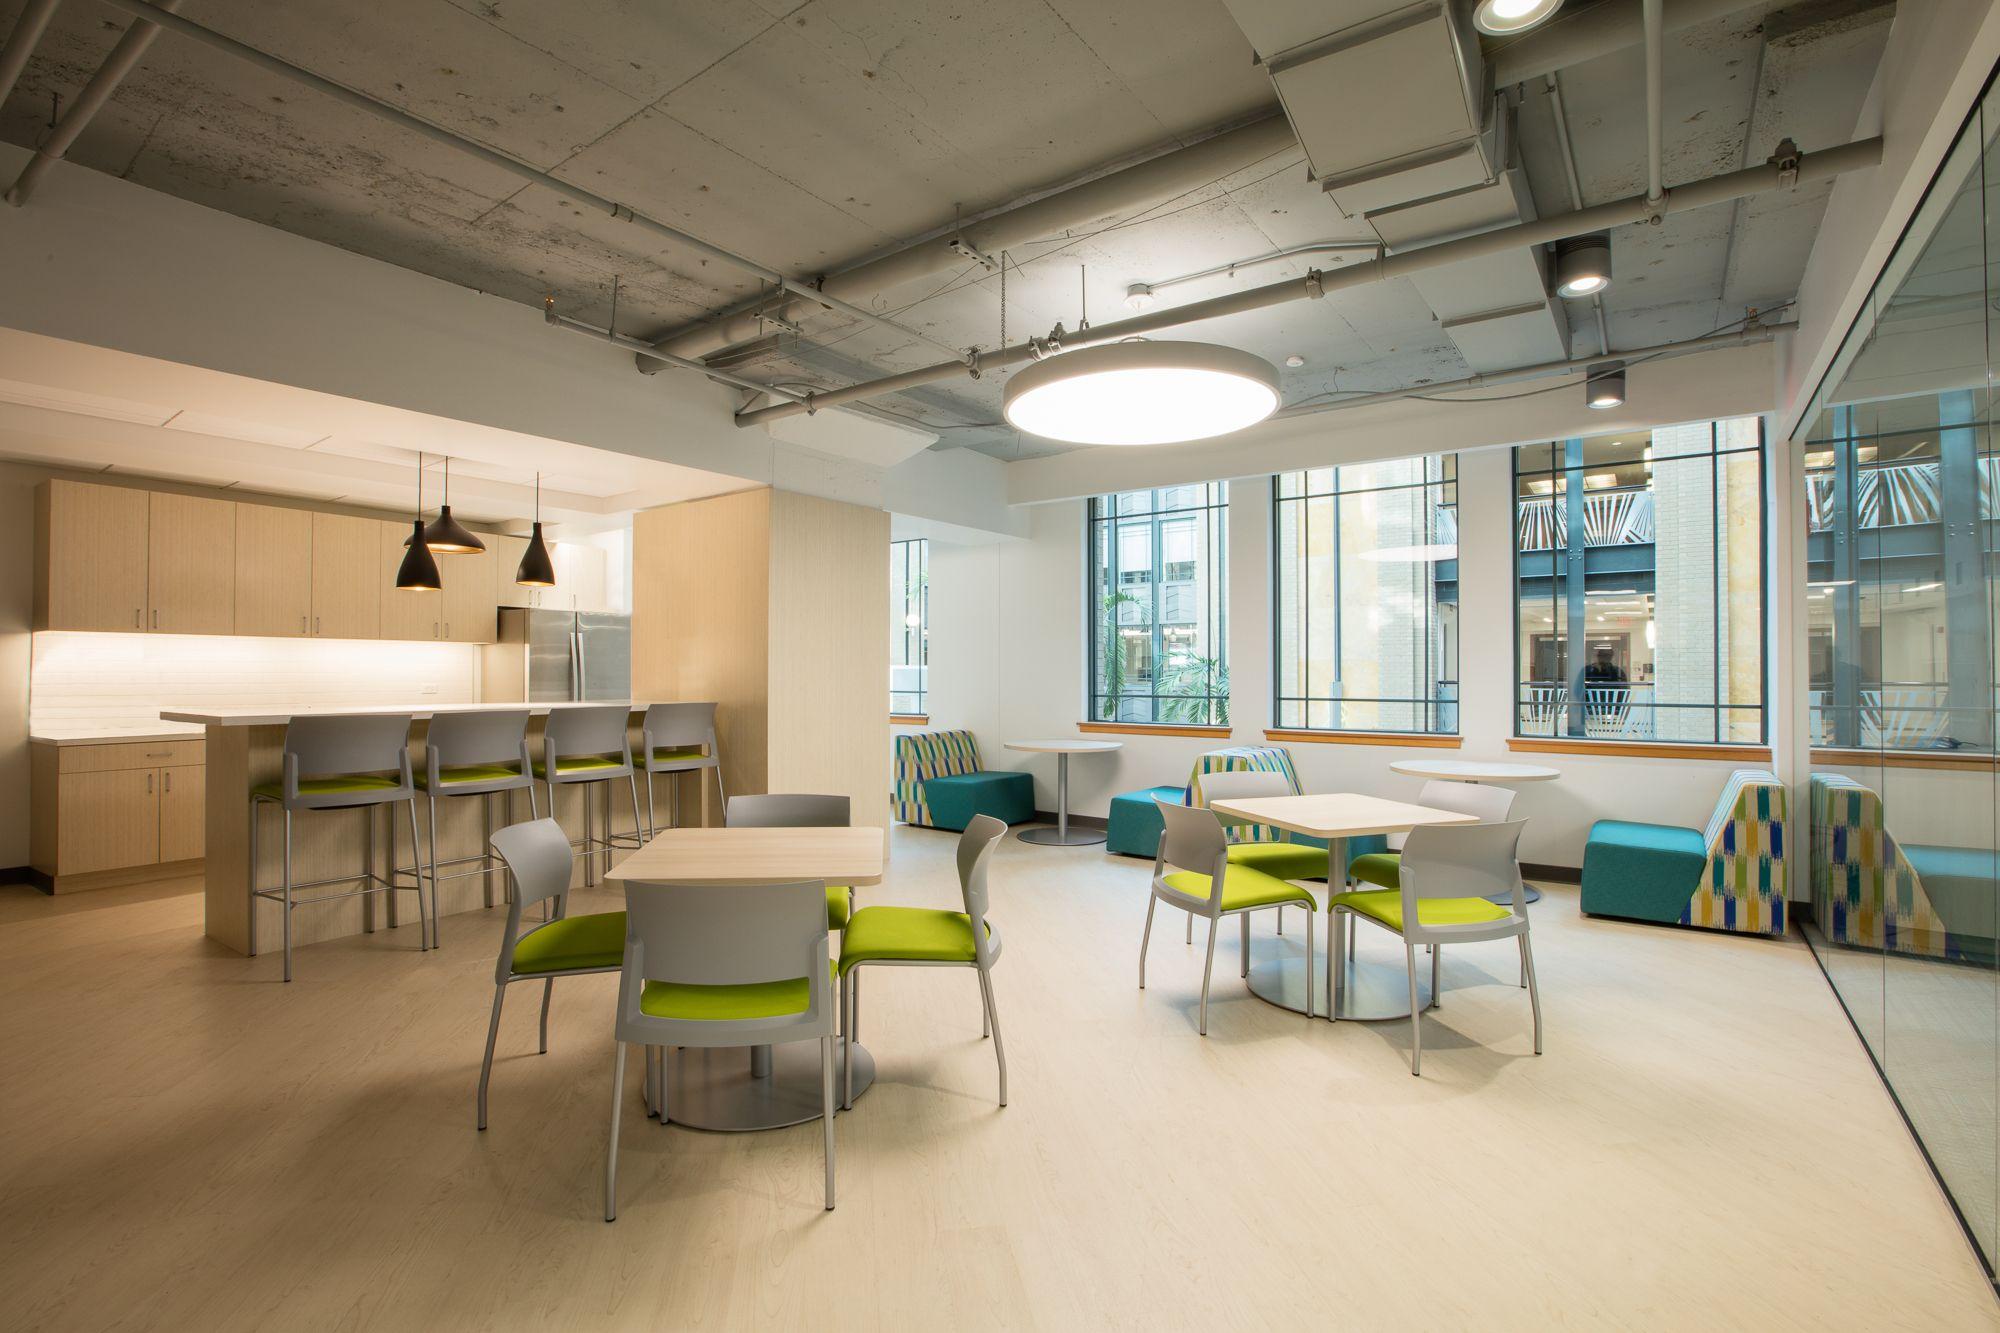 Dorm rooms at harvard harvard pilgrim institute office space design by fusion design